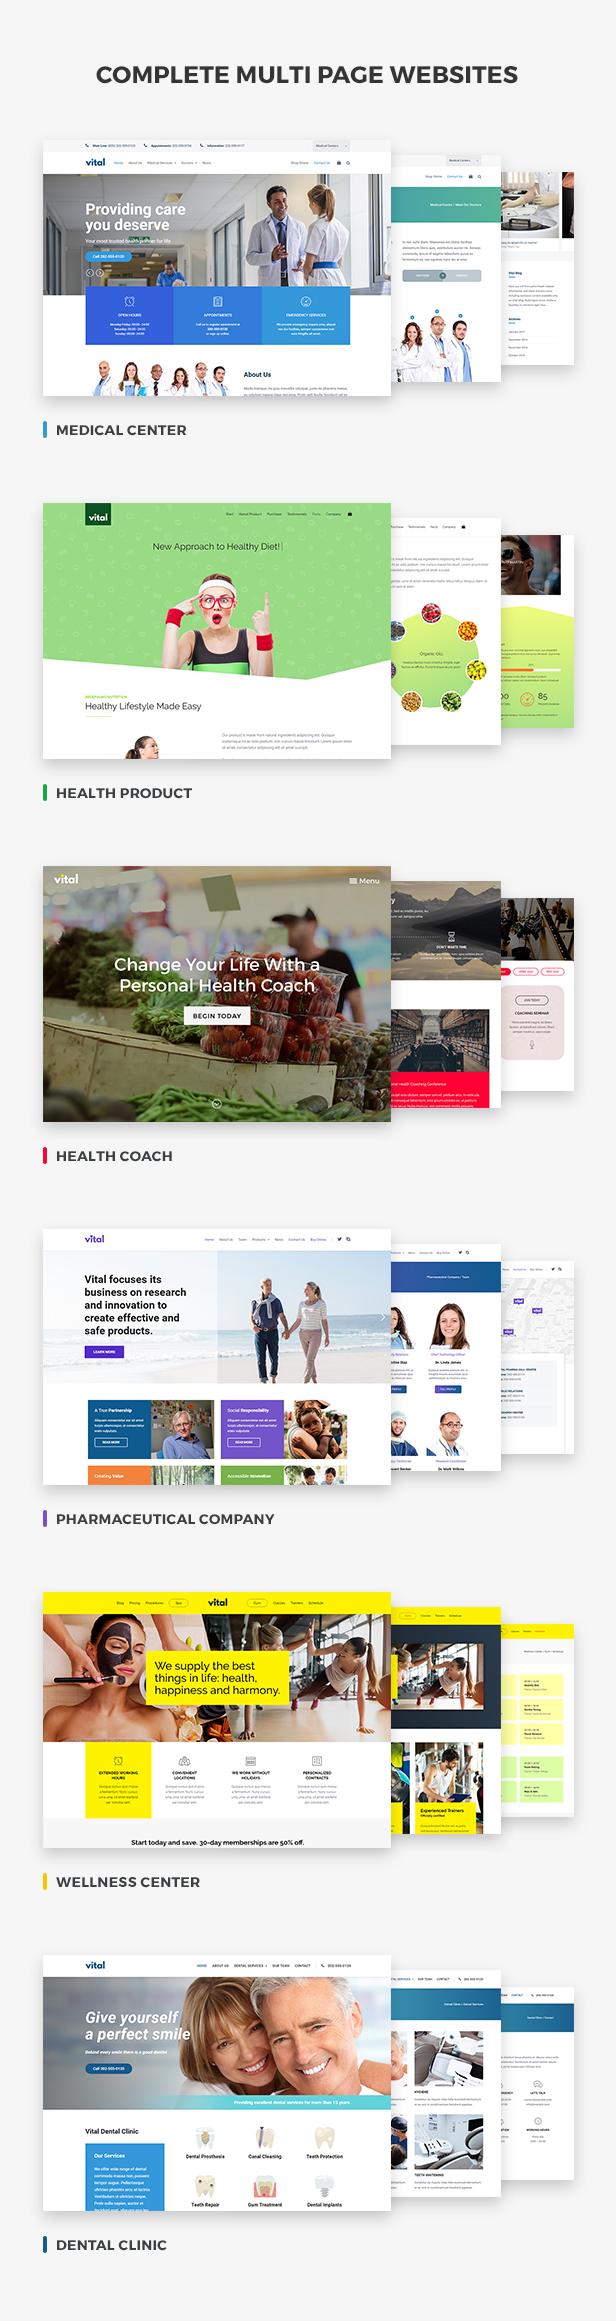 vital2 - Vital | Health, Medical and Wellness WordPress Theme